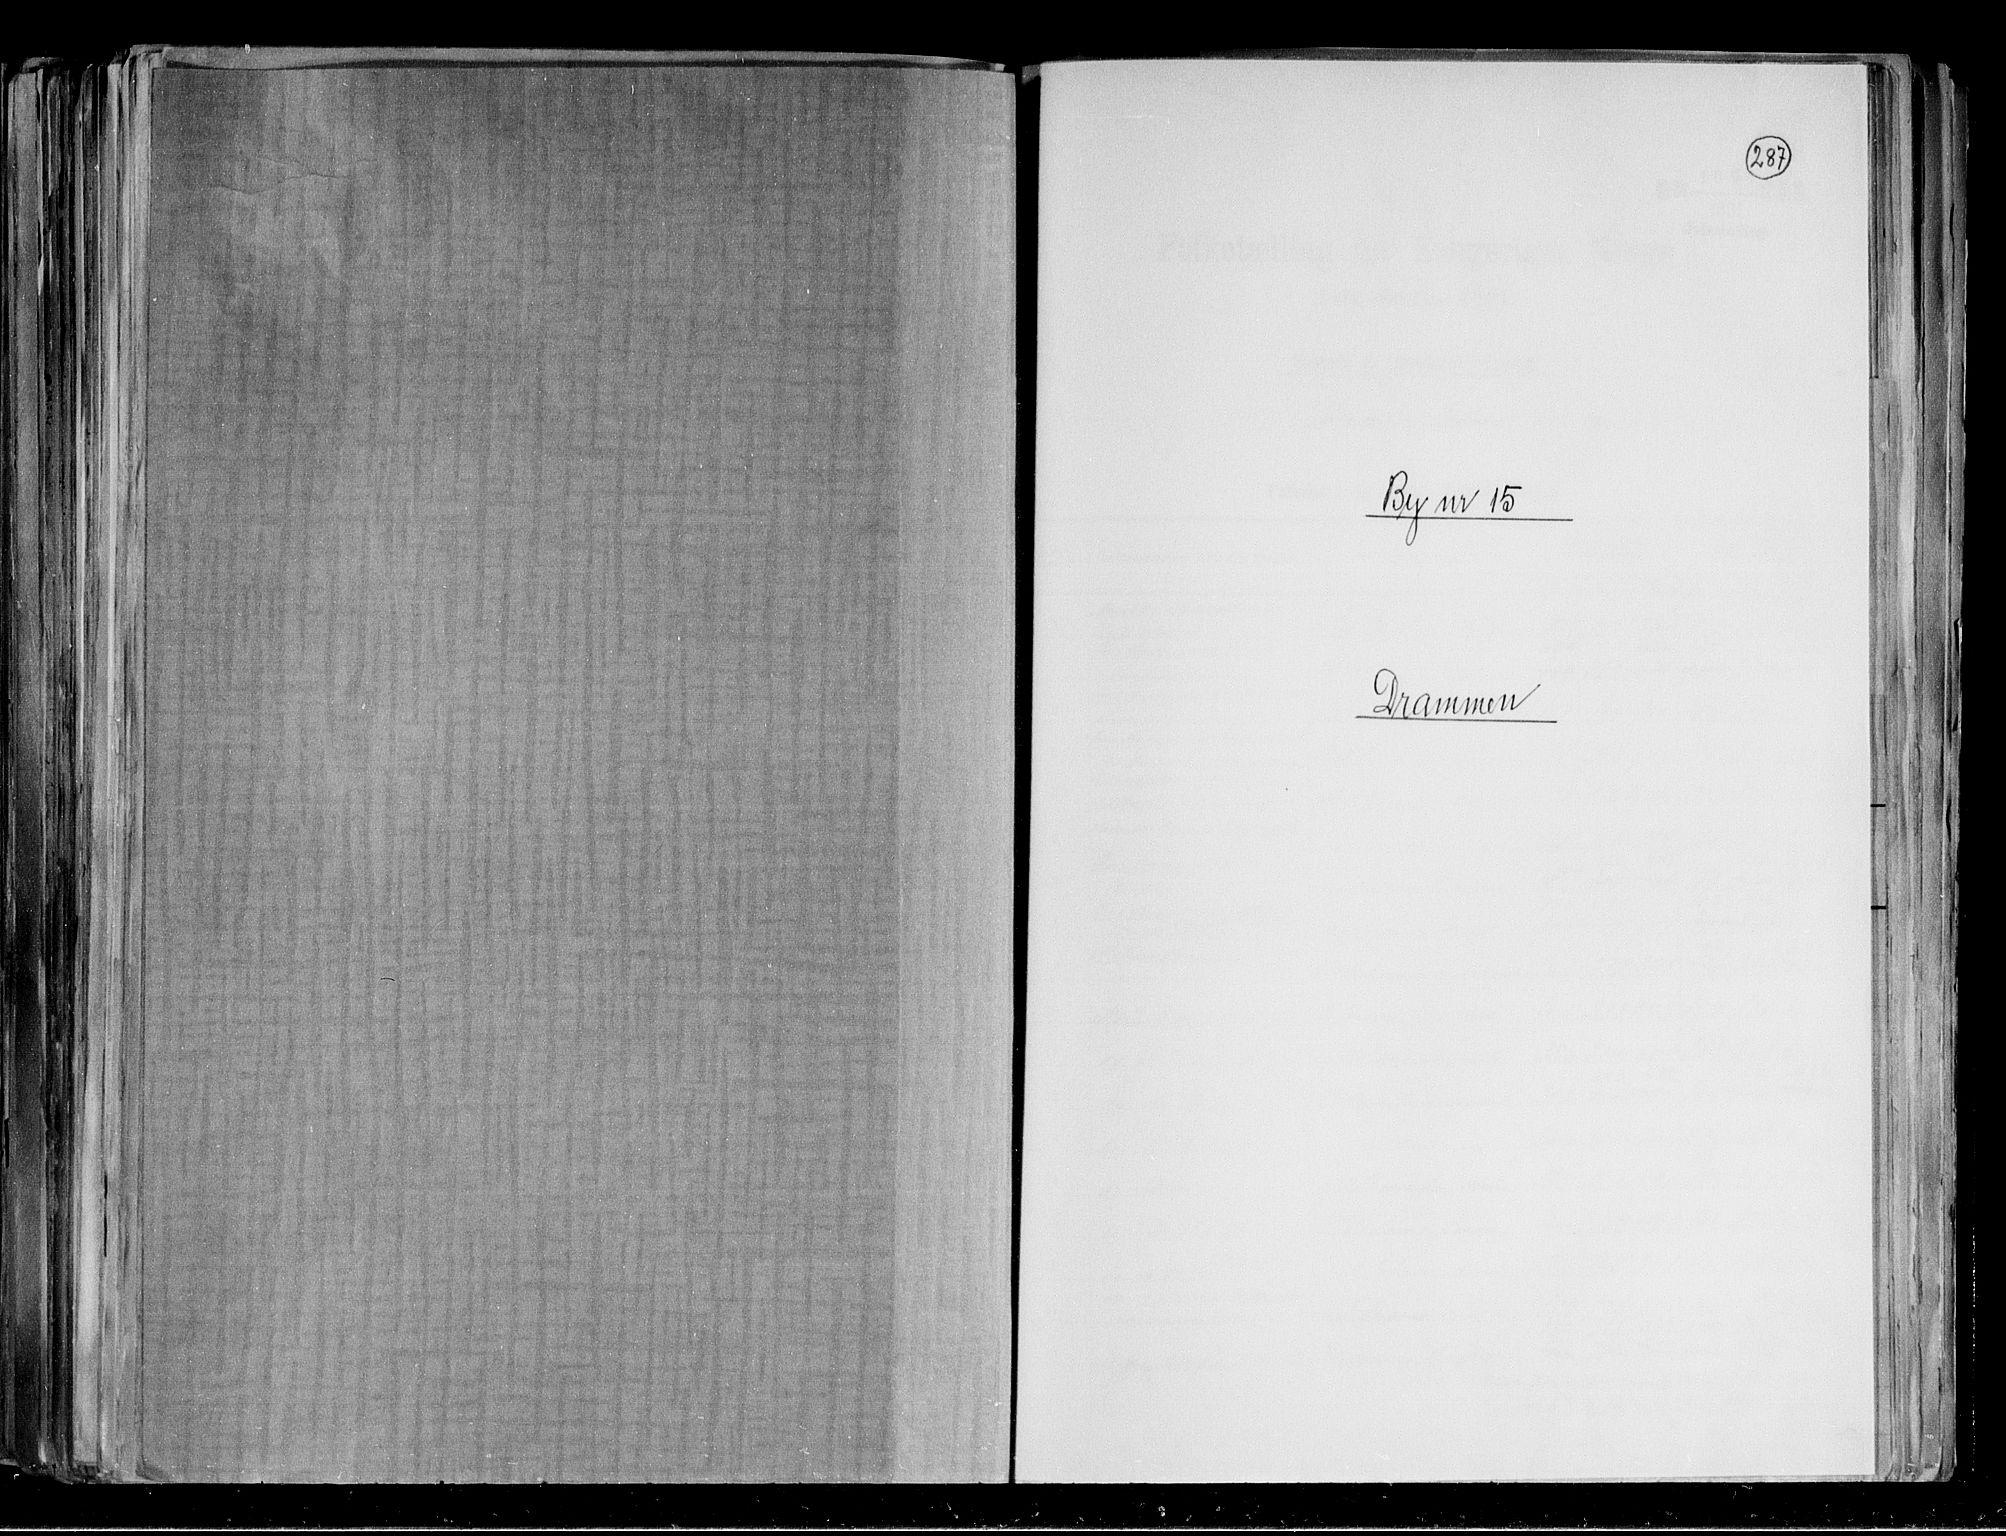 RA, Folketelling 1891 for 0602 Drammen kjøpstad, 1891, s. 1